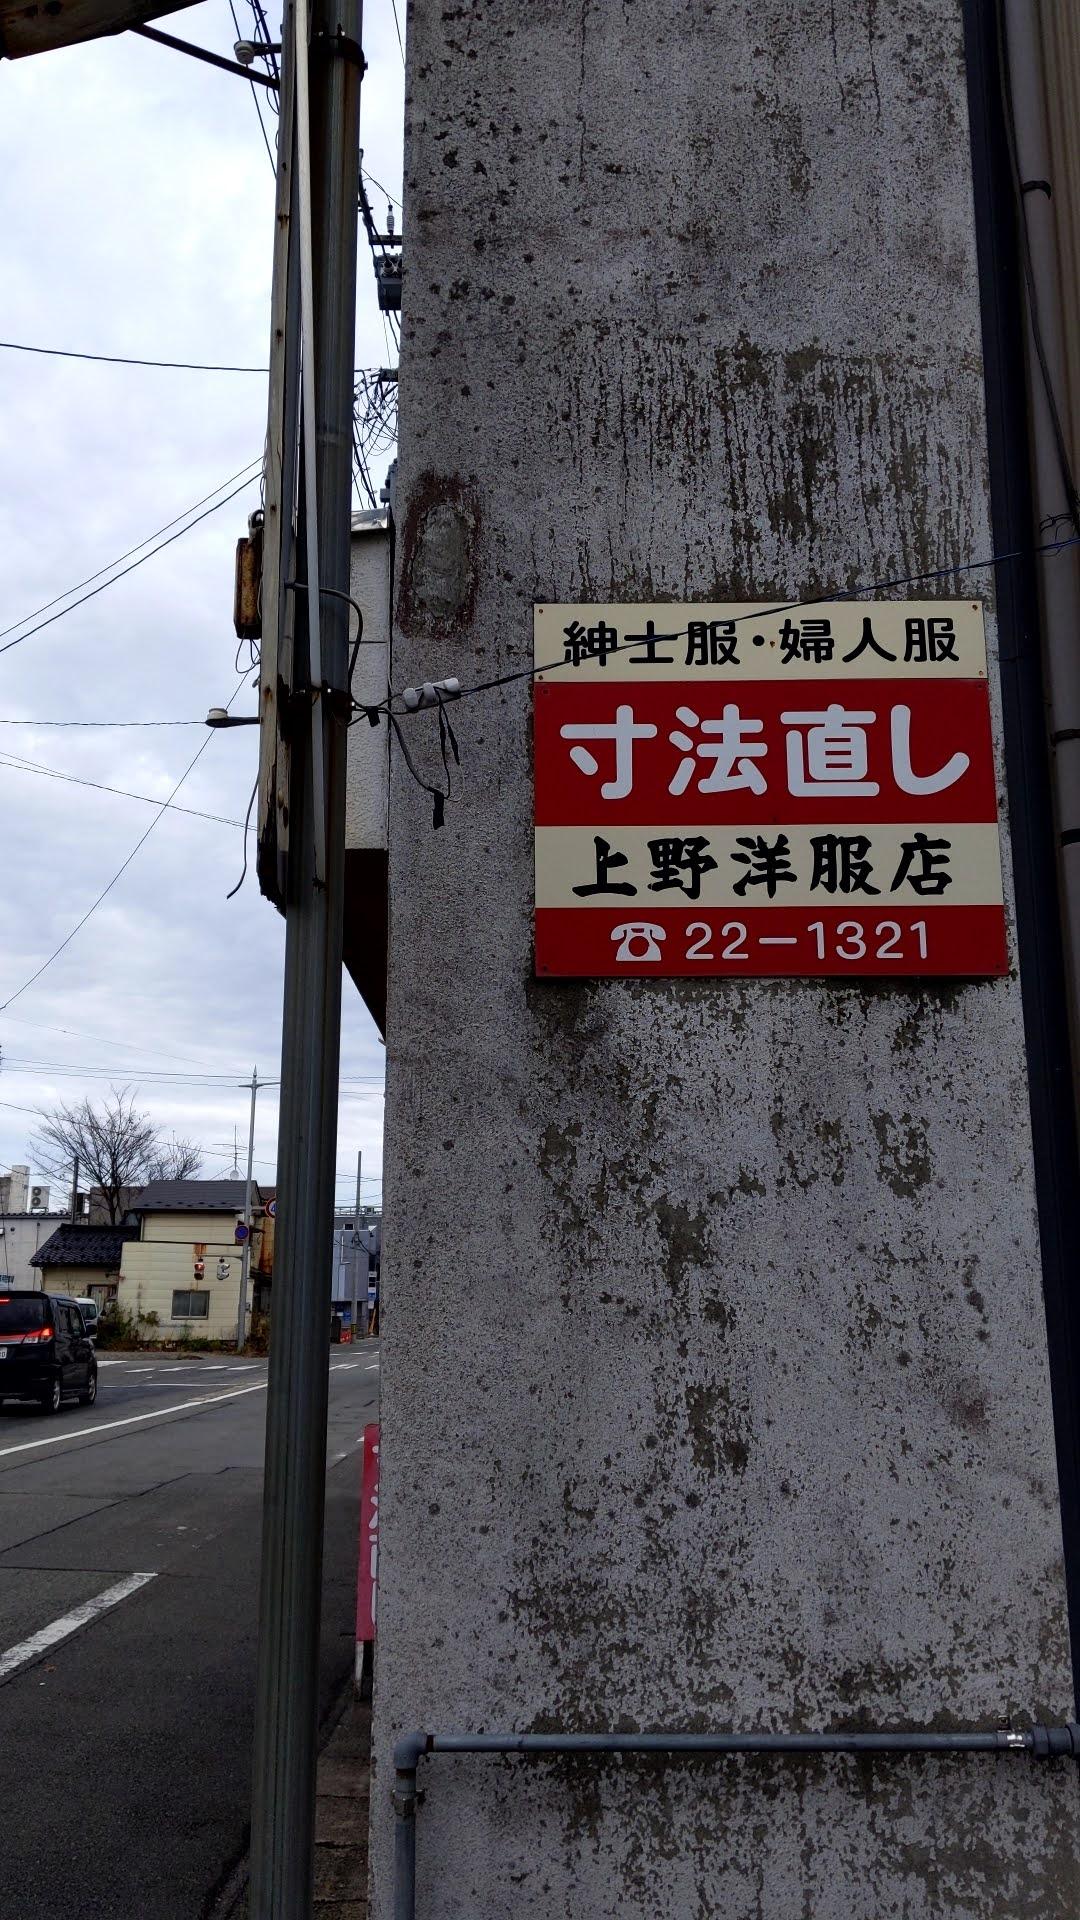 上野洋服店